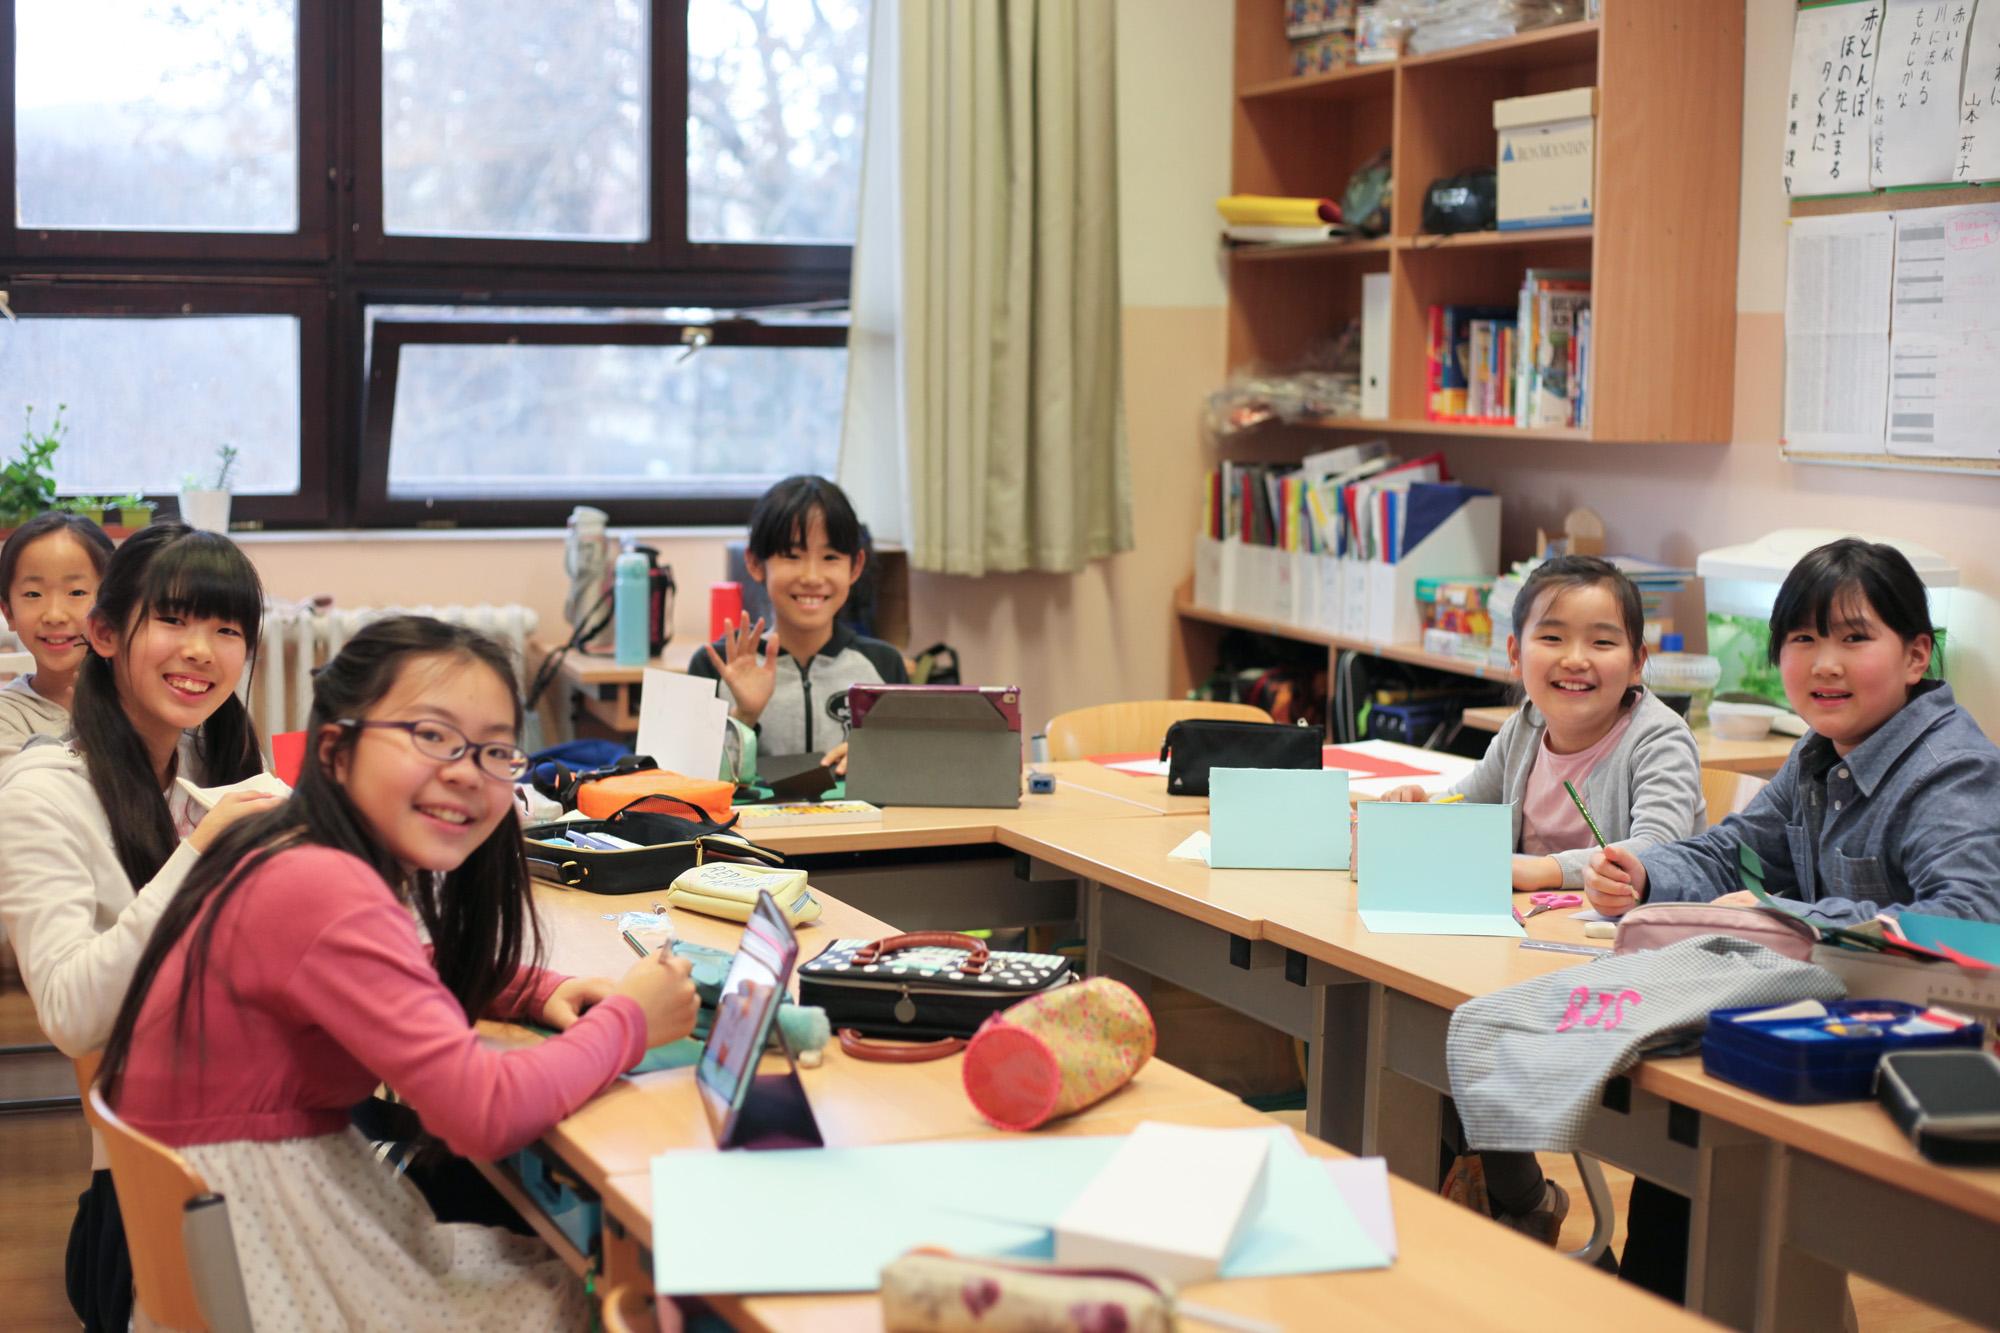 Ahány ház, annyi szokás, tartja a mondás, melyet akár a Japán és Európa közötti kulturális különbség is ihlethetett volna.